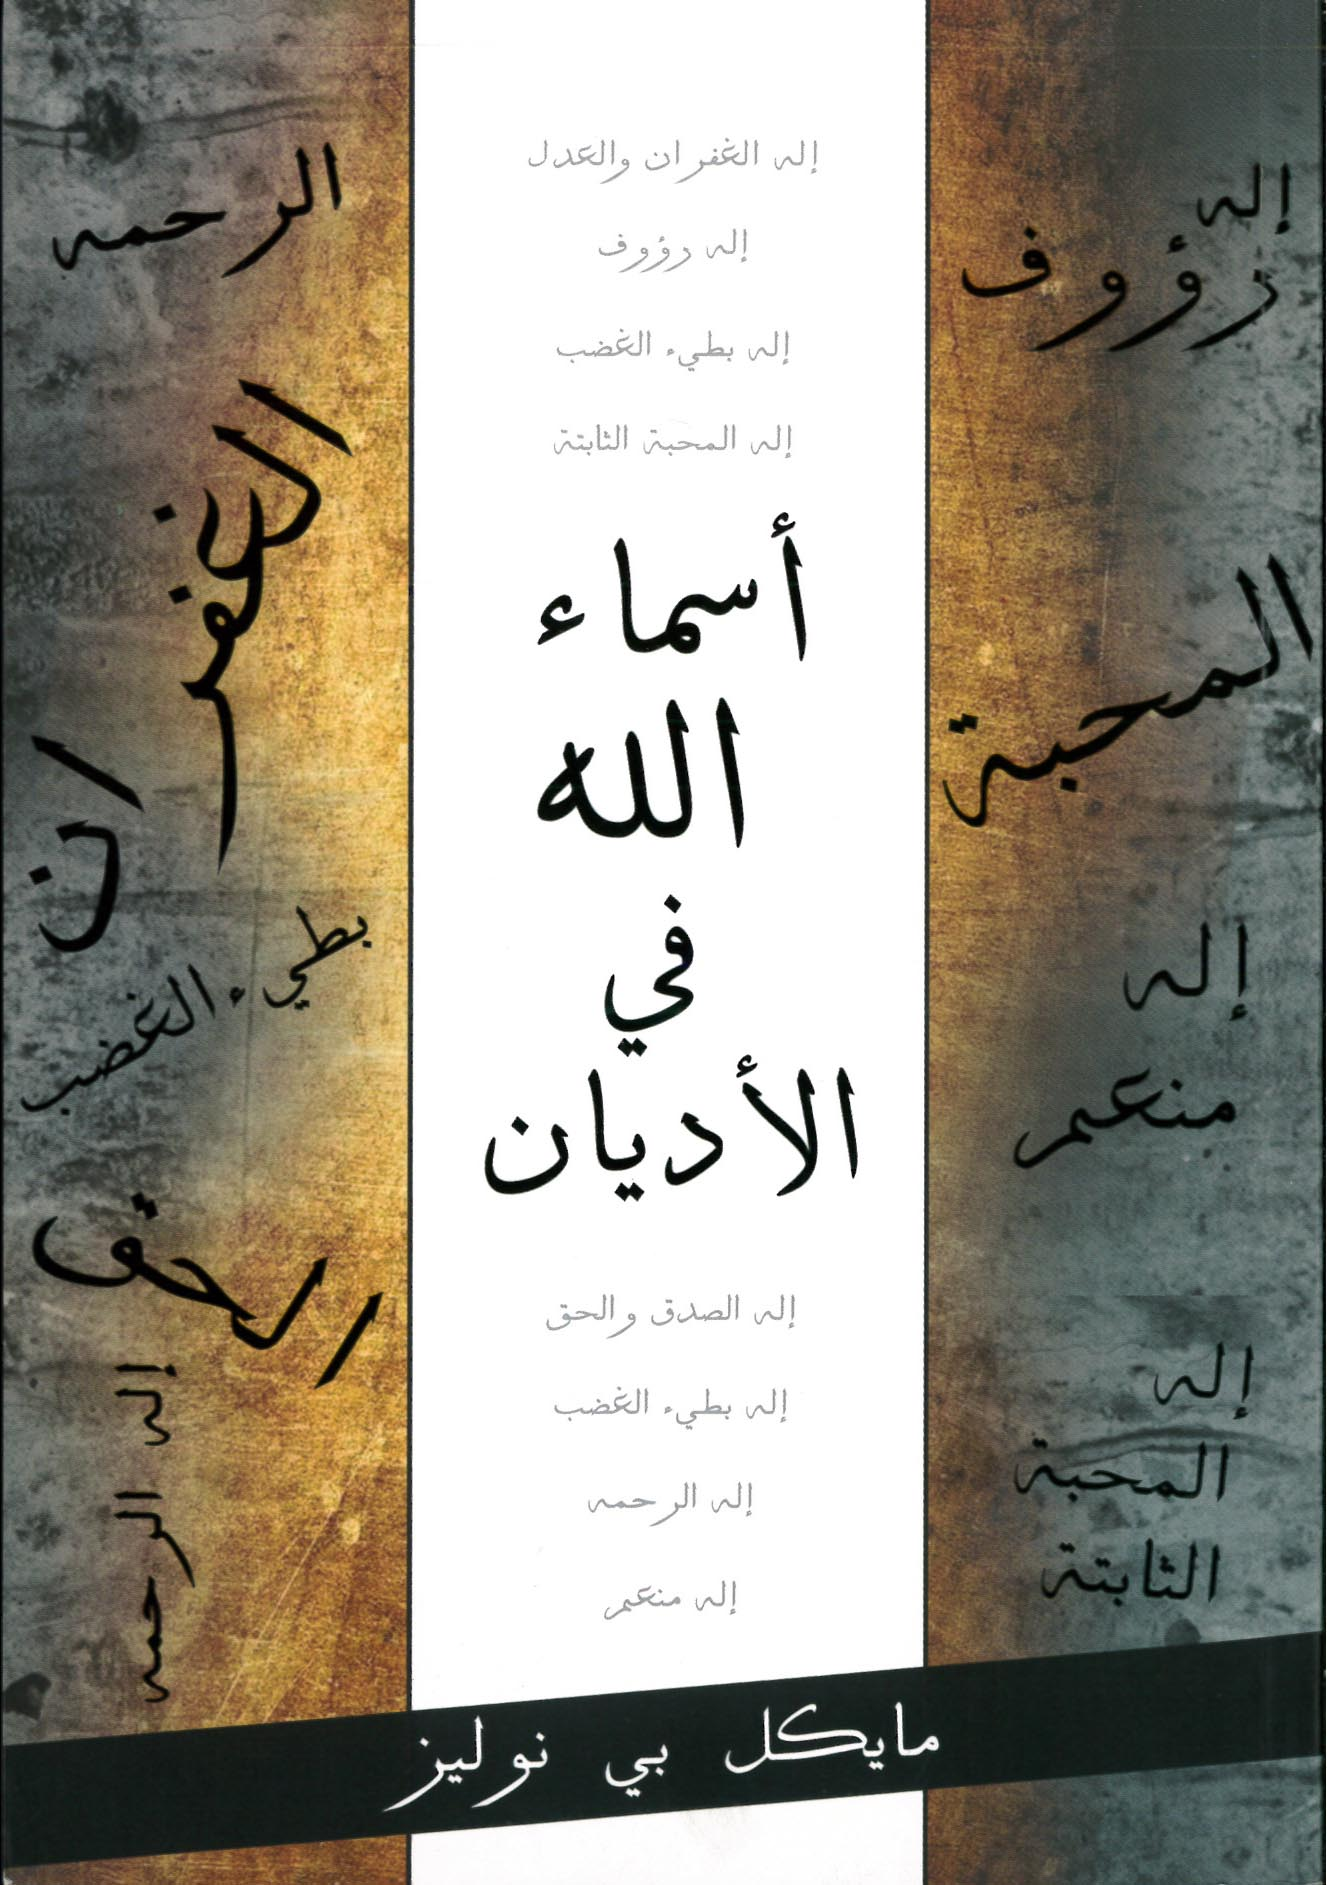 اسماء الله فى الاديان